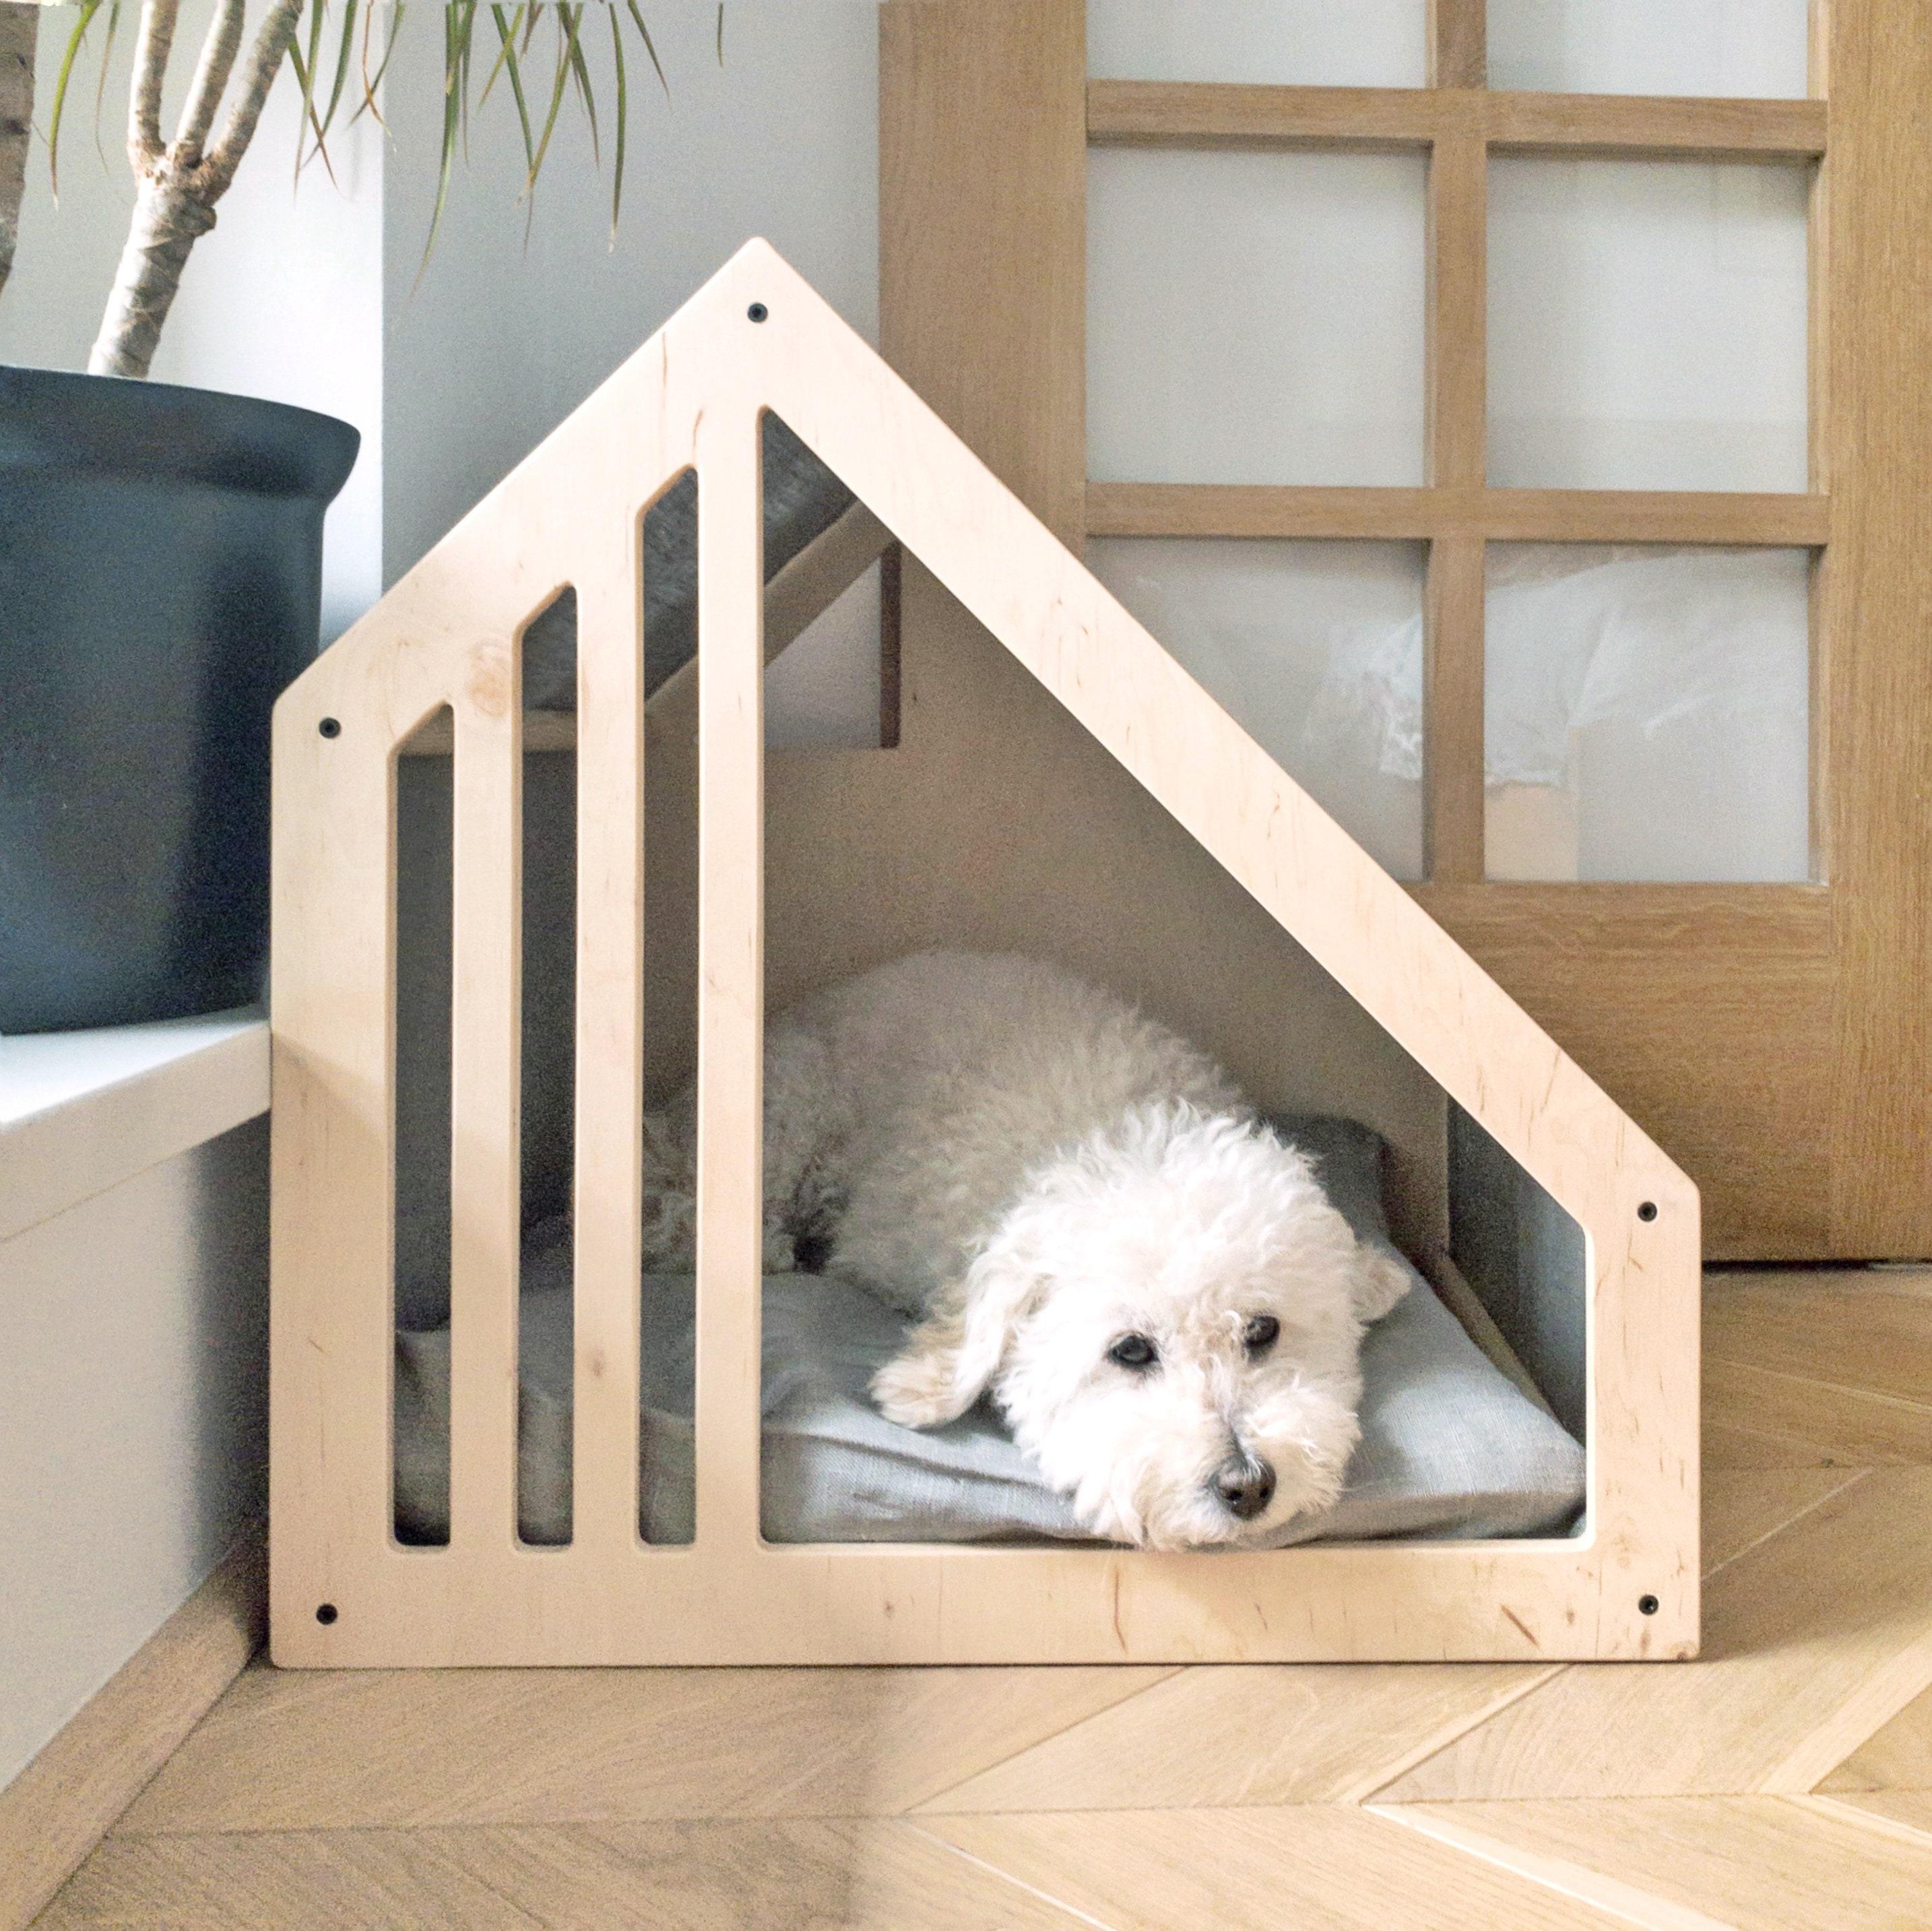 Современная крытая кровать собаки кошка кровать, 100% льняная натуральная ткань, сарай дом, скандинавский питомец кровать, собака подарок